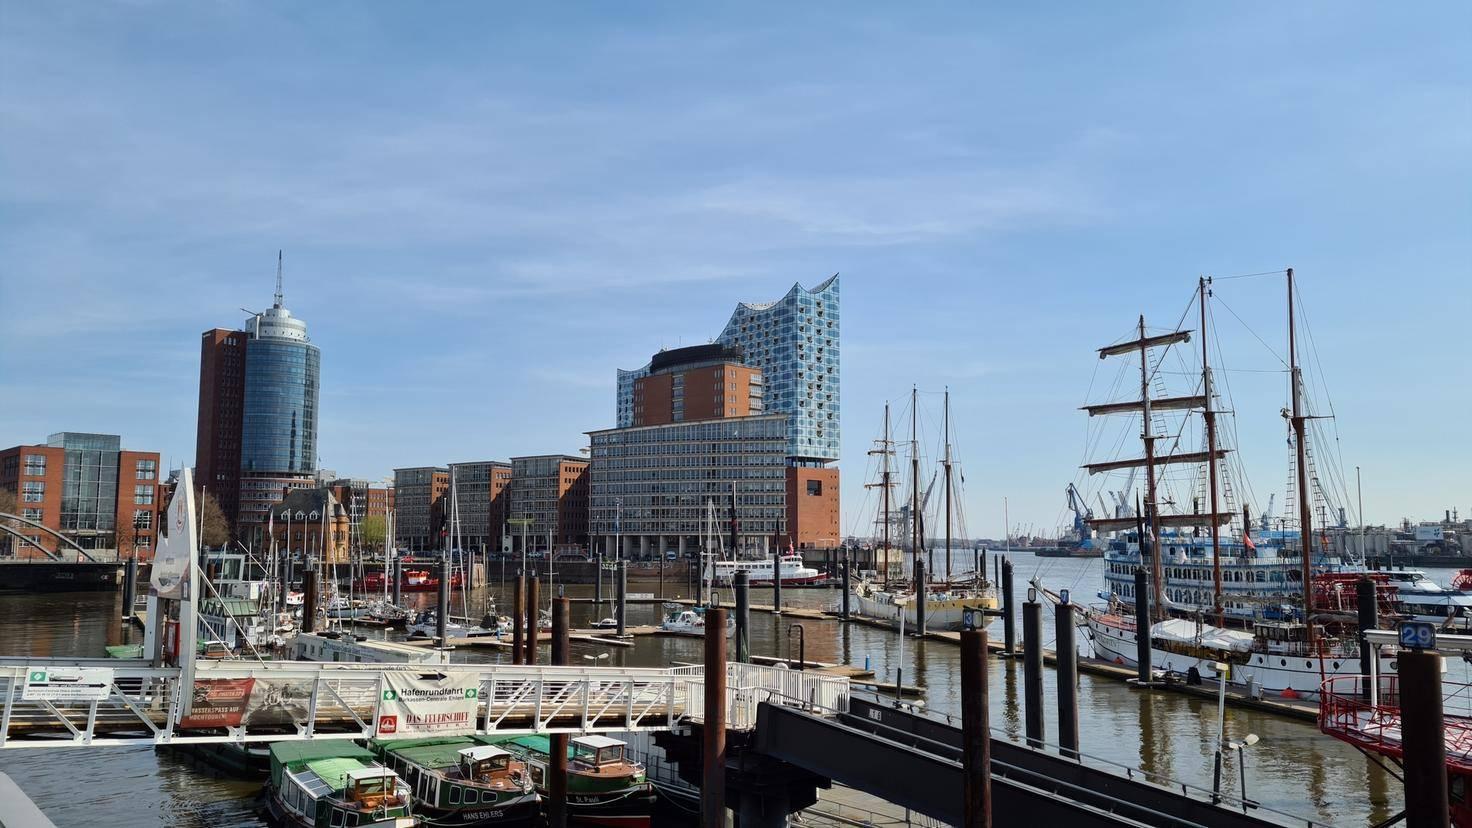 Die Elbphilharmonie in Hamburg, fotografiert mit dem S20+.